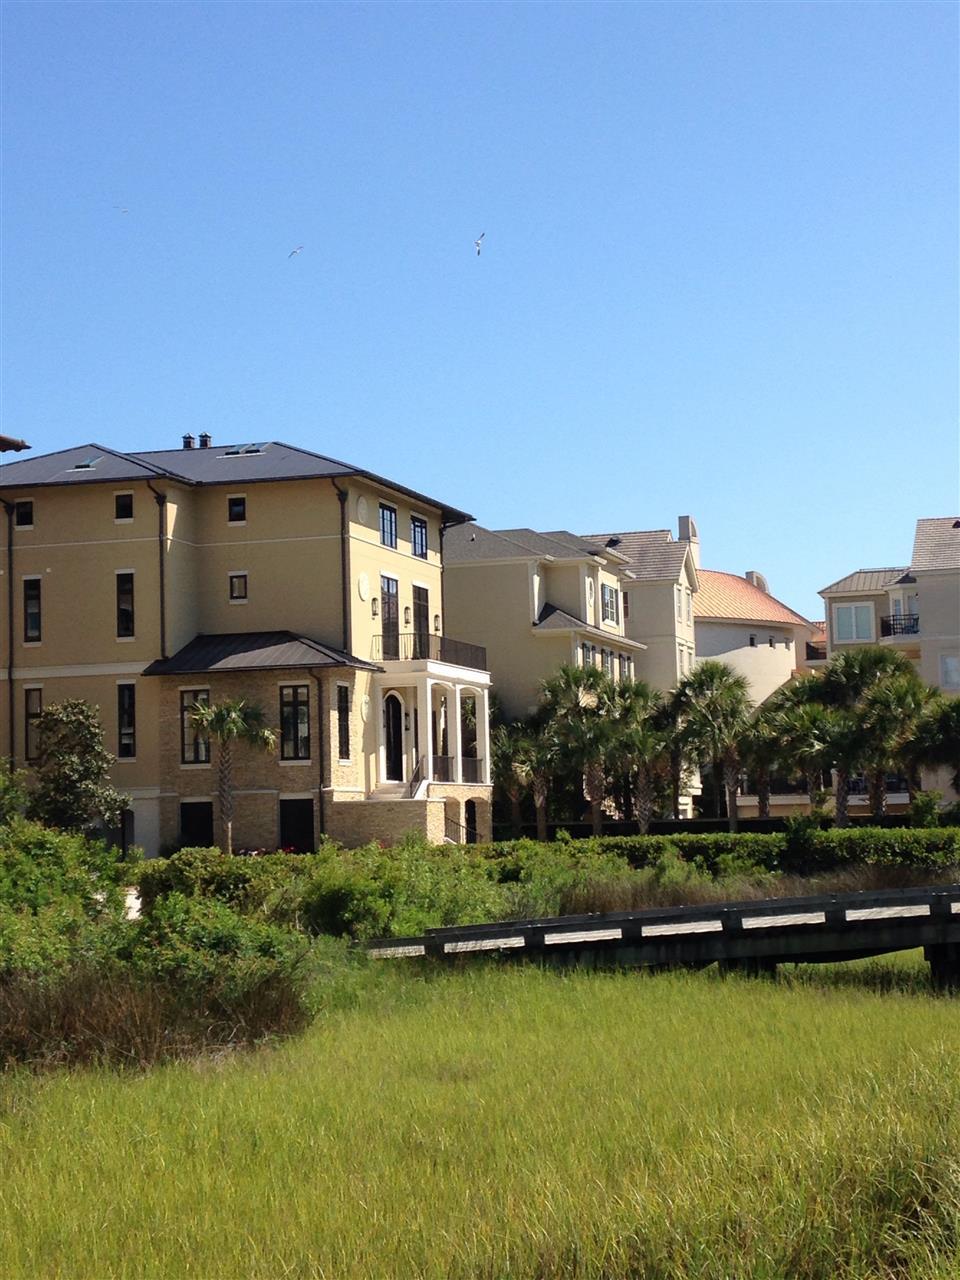 Hilton Island SC beach front homes